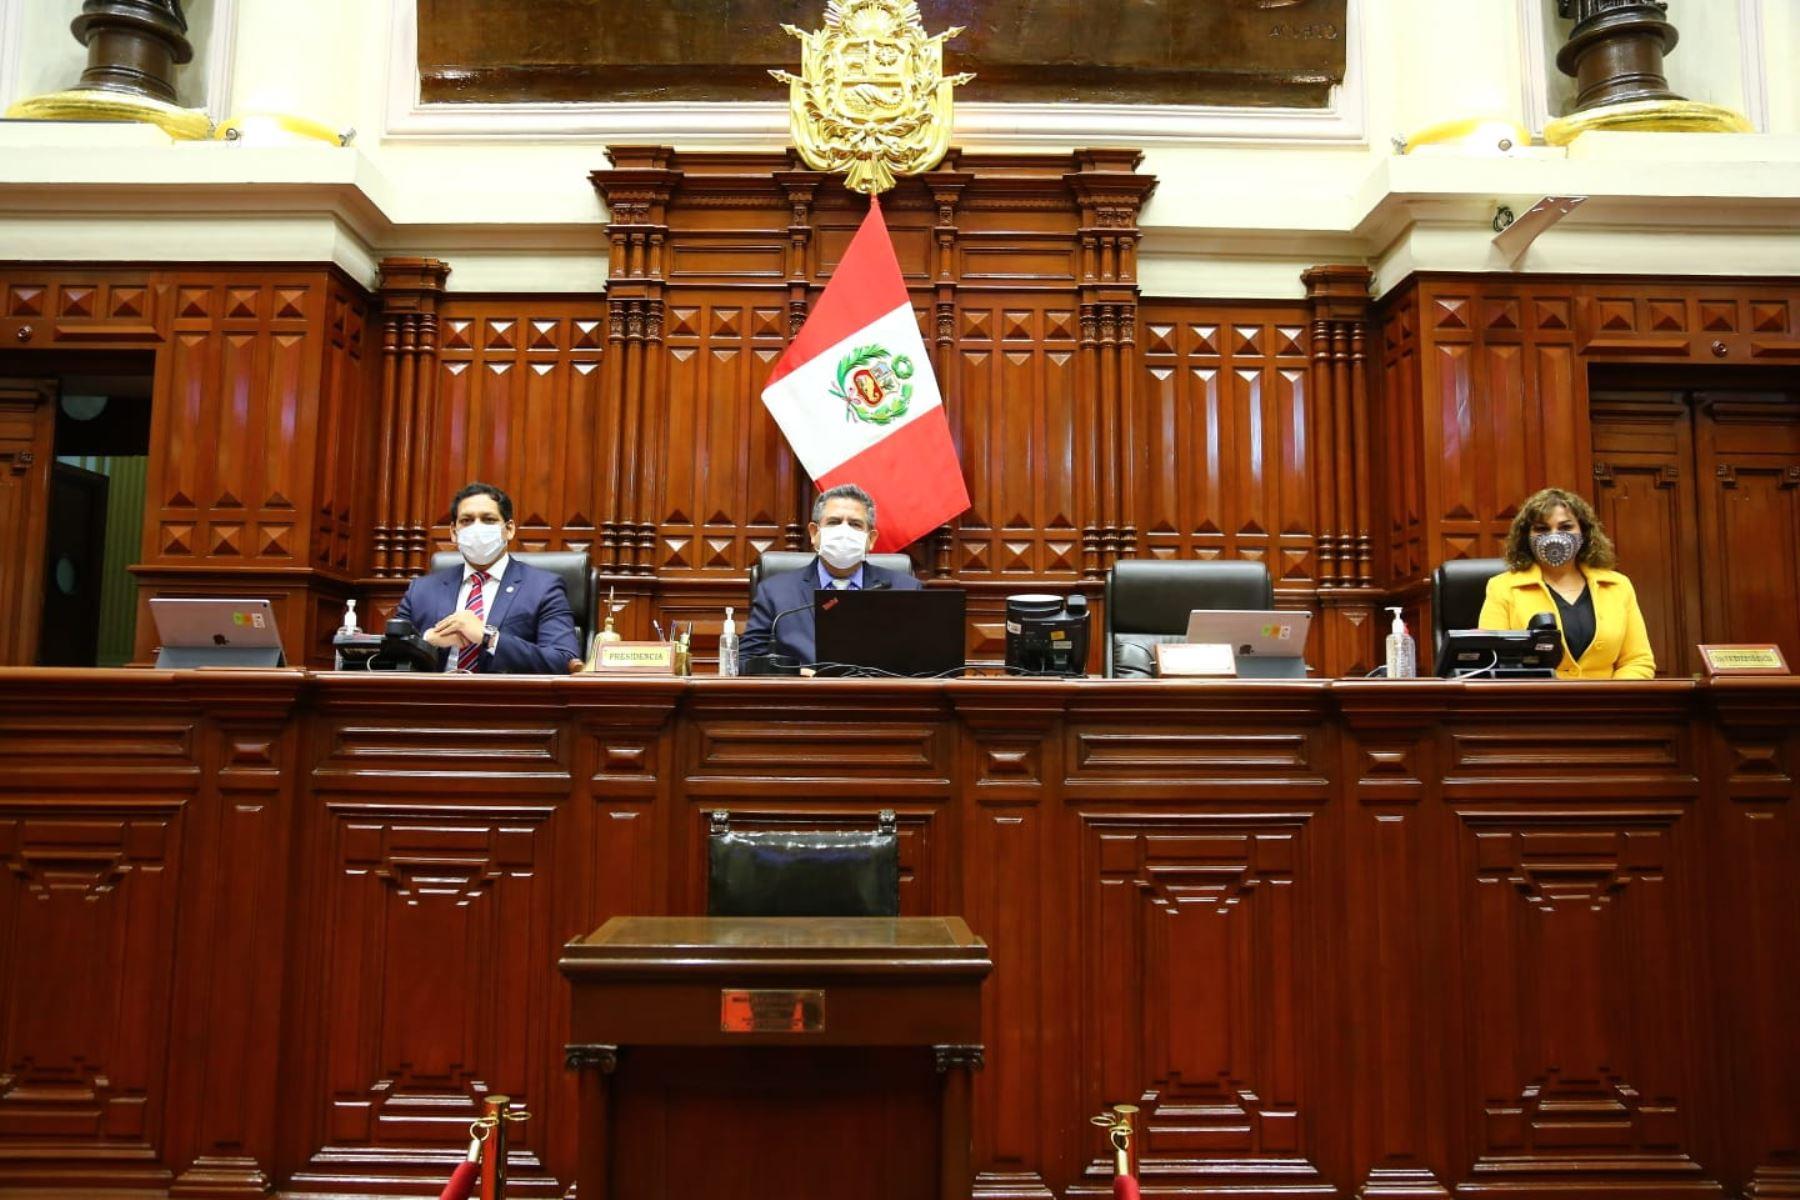 Mesa directiva del congreso presidida por Manuel Merino de Lama. Foto: Congreso de la República